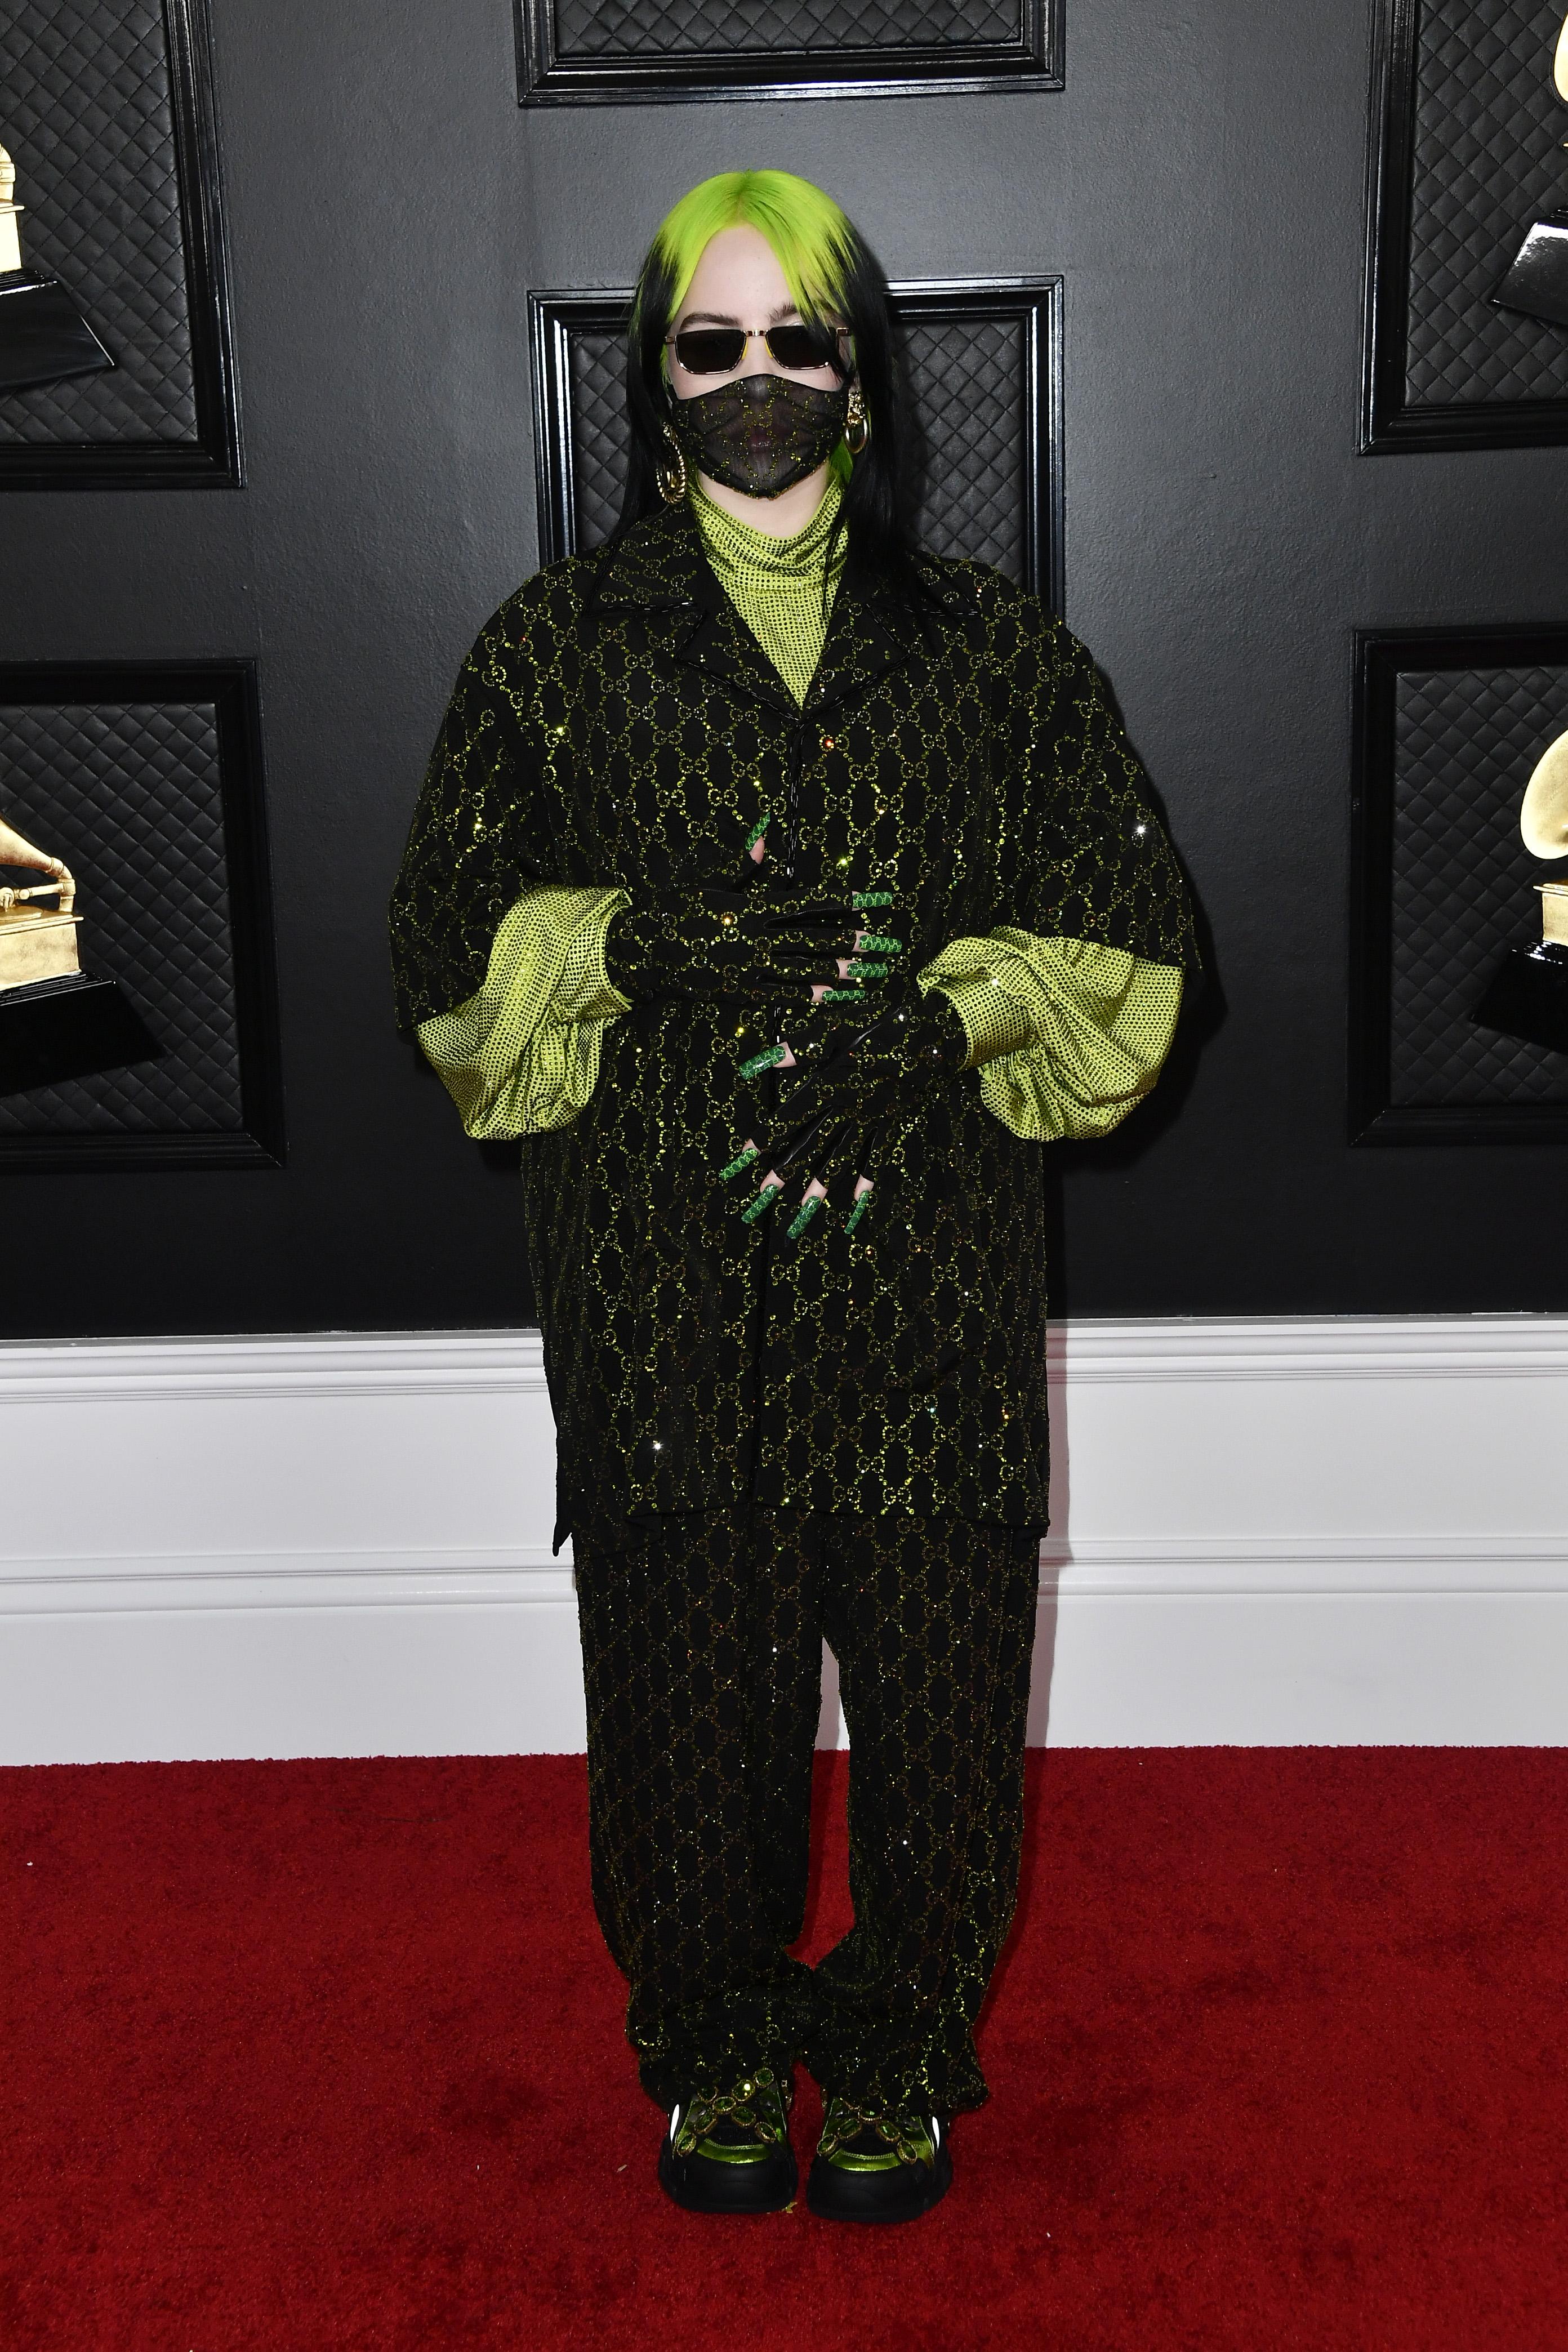 Billie Eilish at the Grammy's